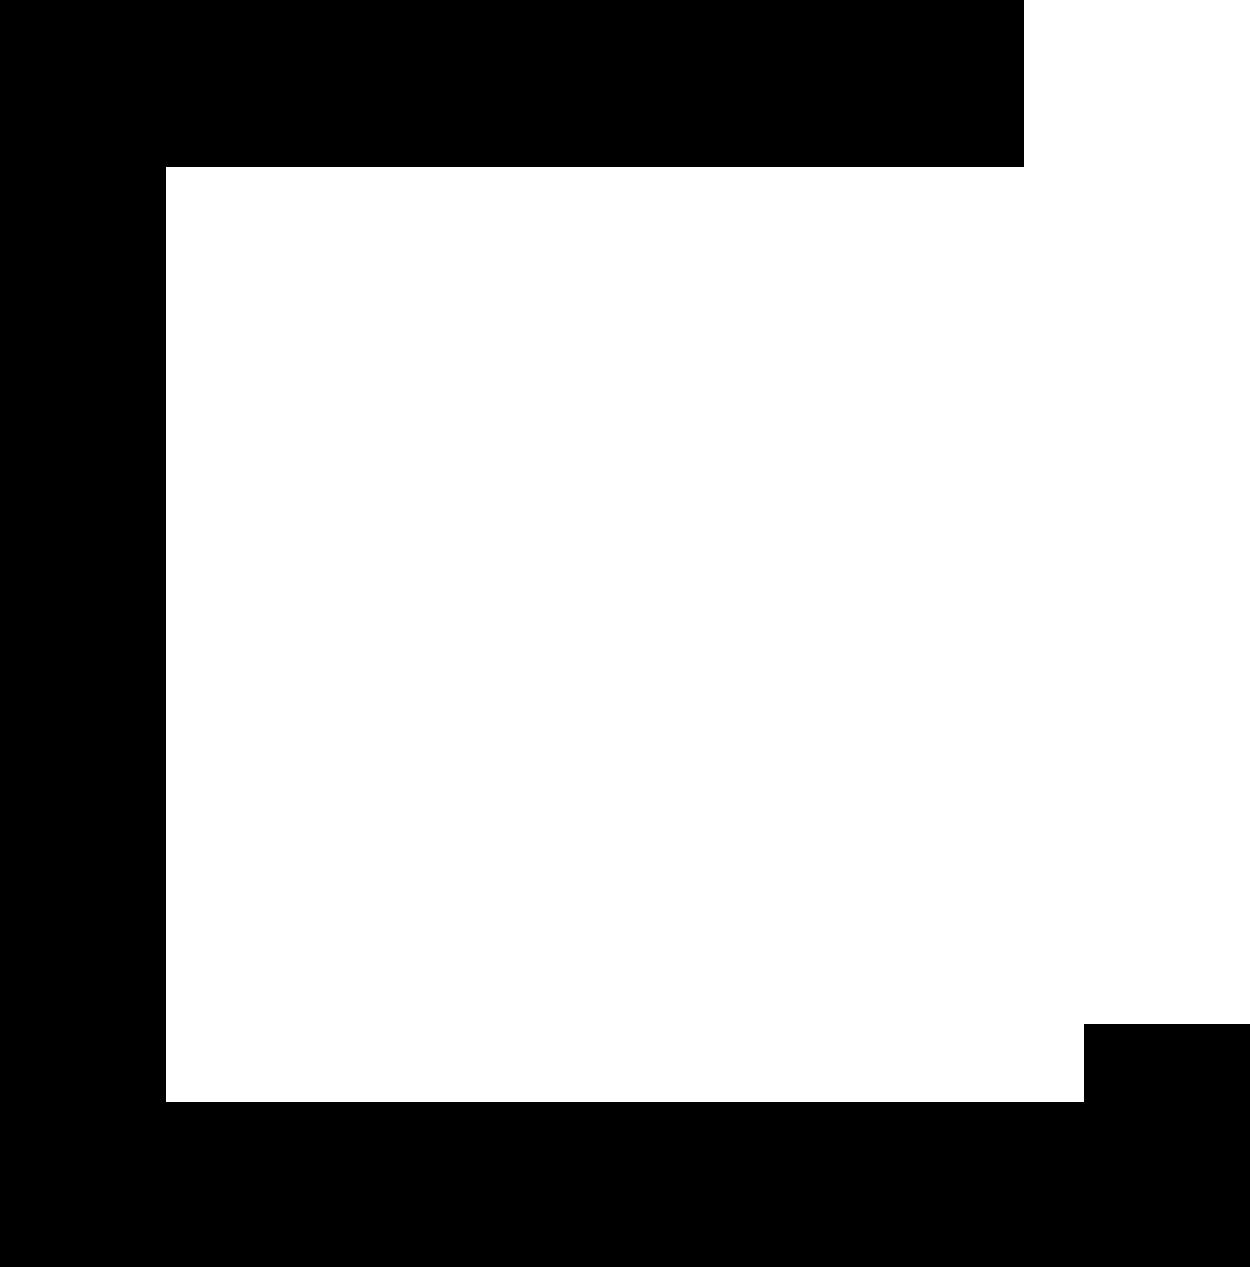 株式会社Blitz